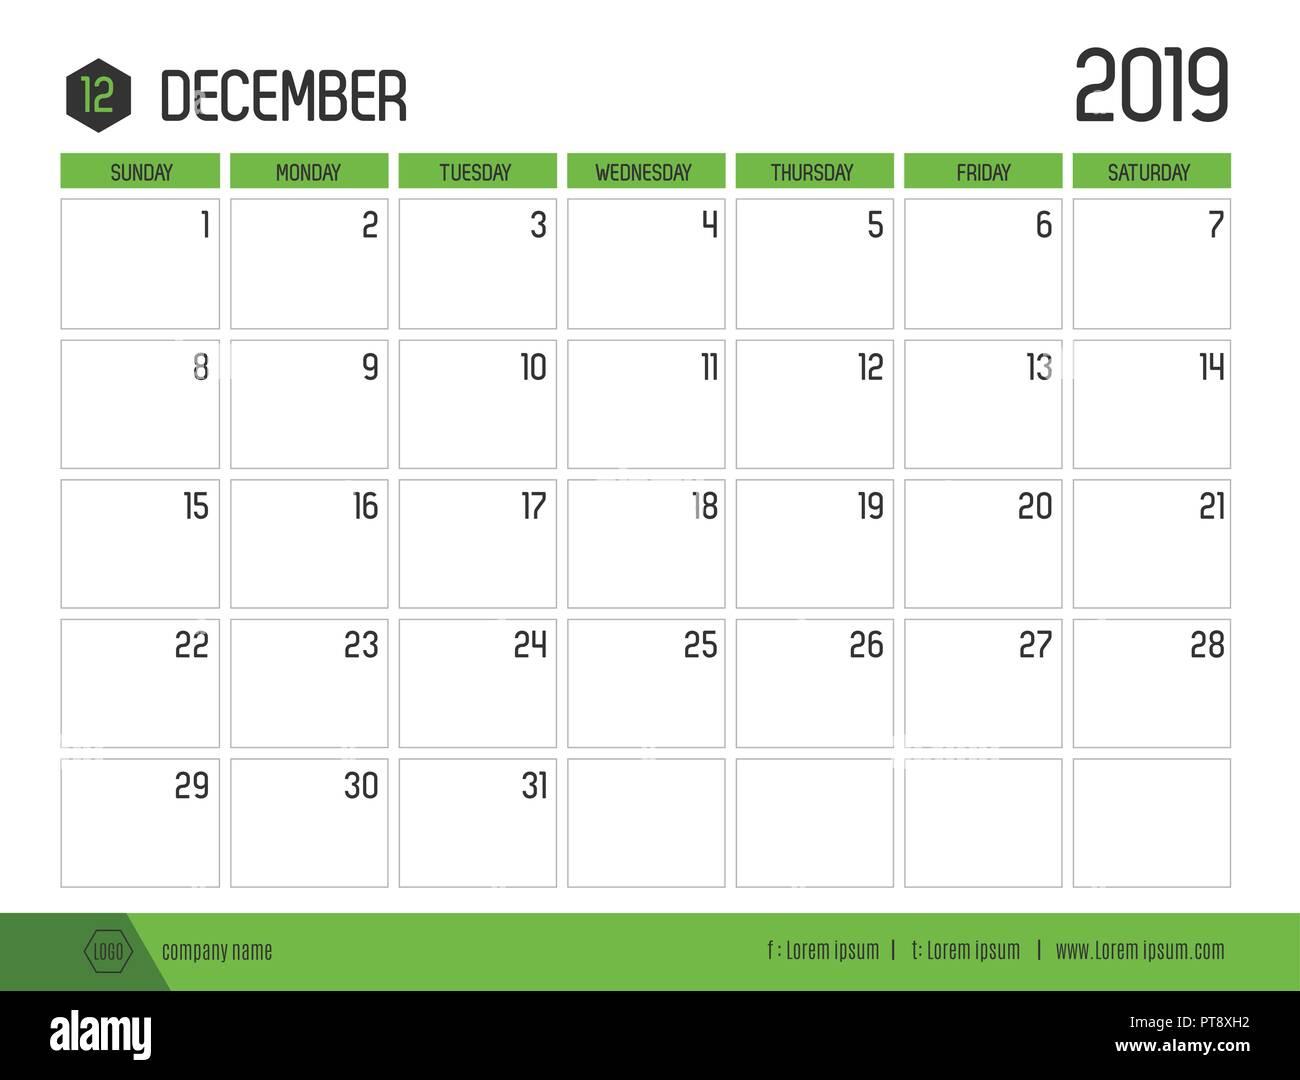 Calendario 2019 Moderno.Vettore Del Moderno Calendario Verde 2019 Dicembre In